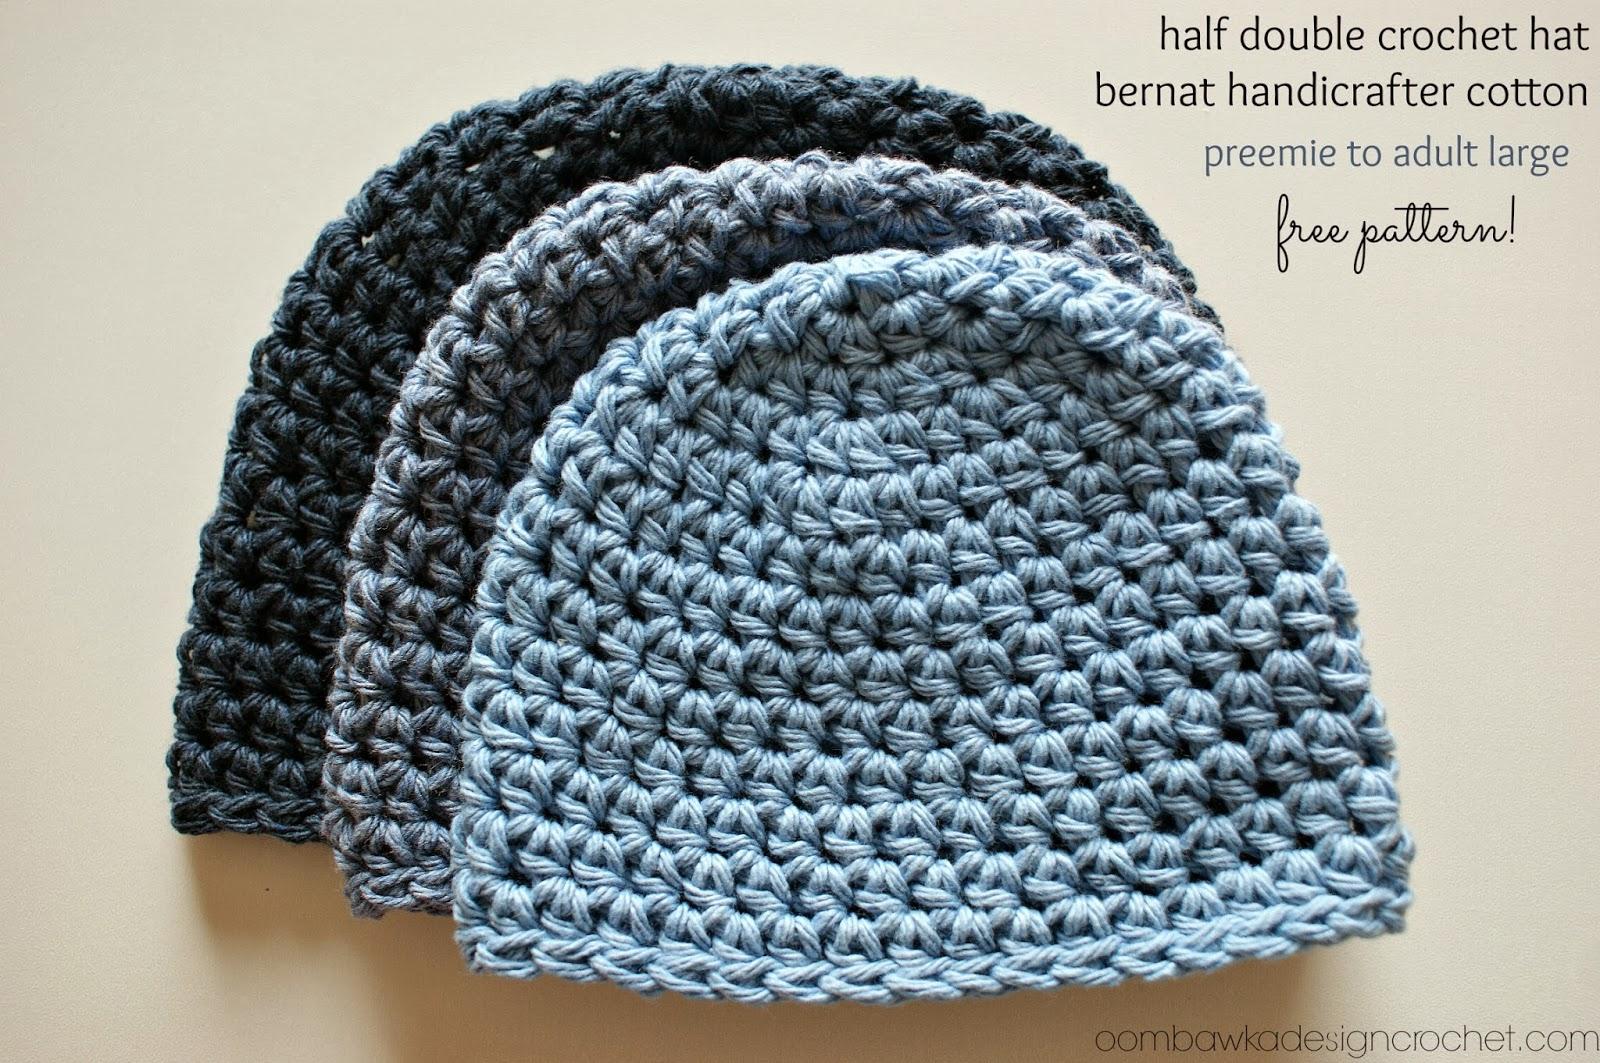 crochet hat patterns crochet hat pattern oombawka design